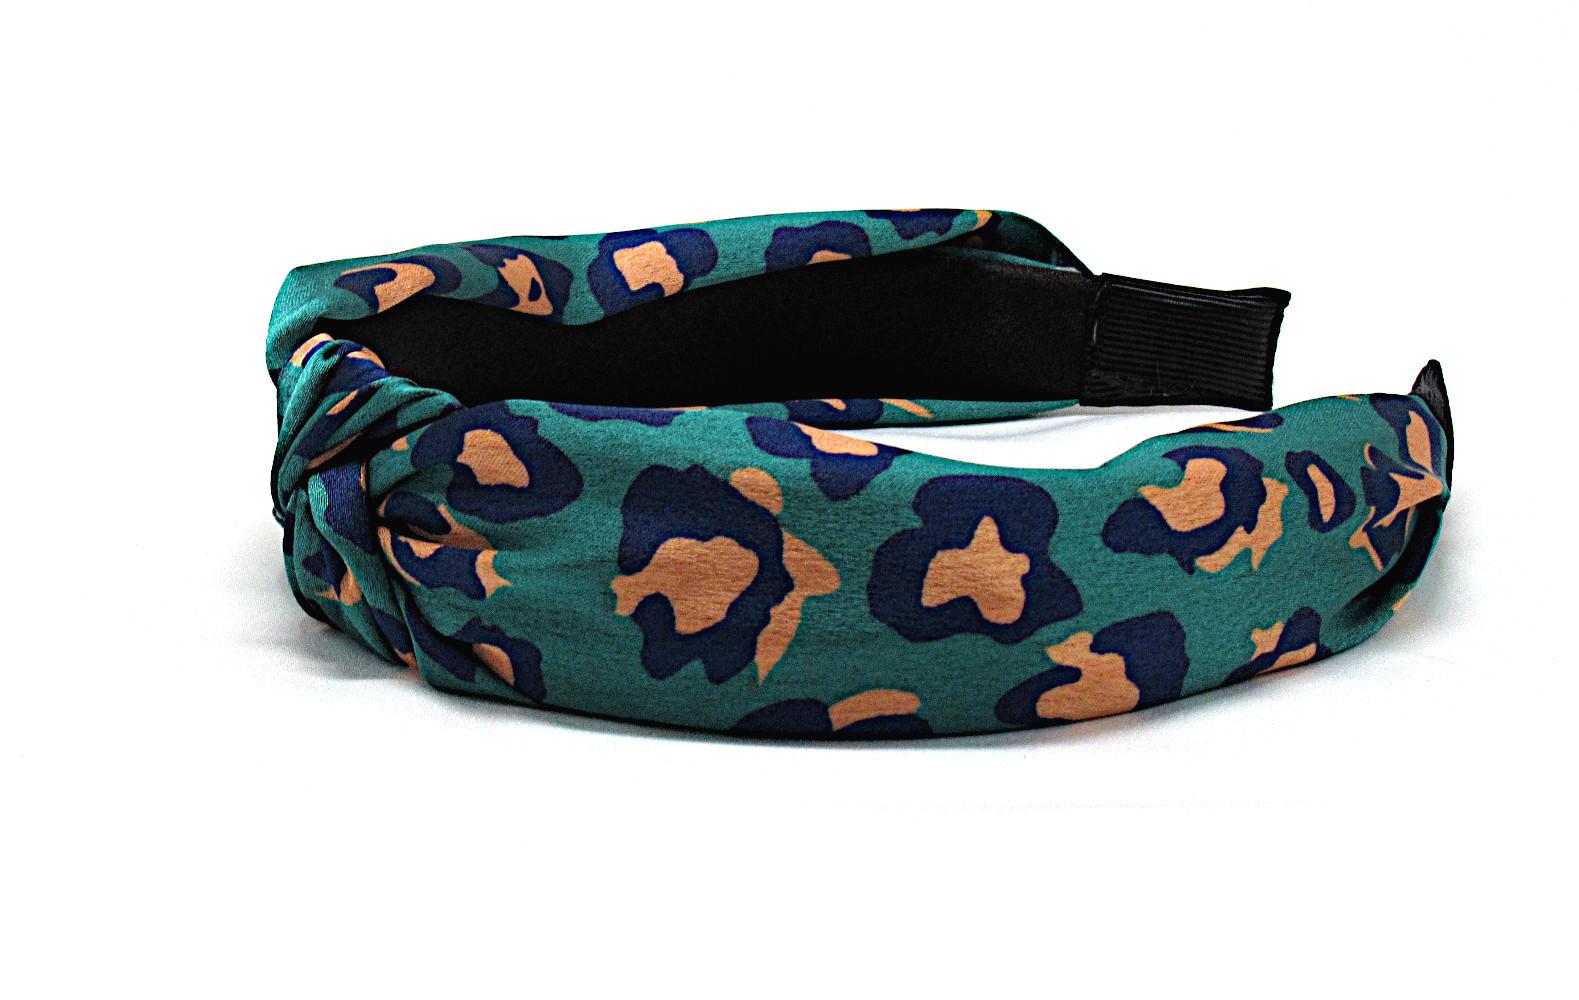 RJ-HB02_Leopard Print Knotted Headband-Green2